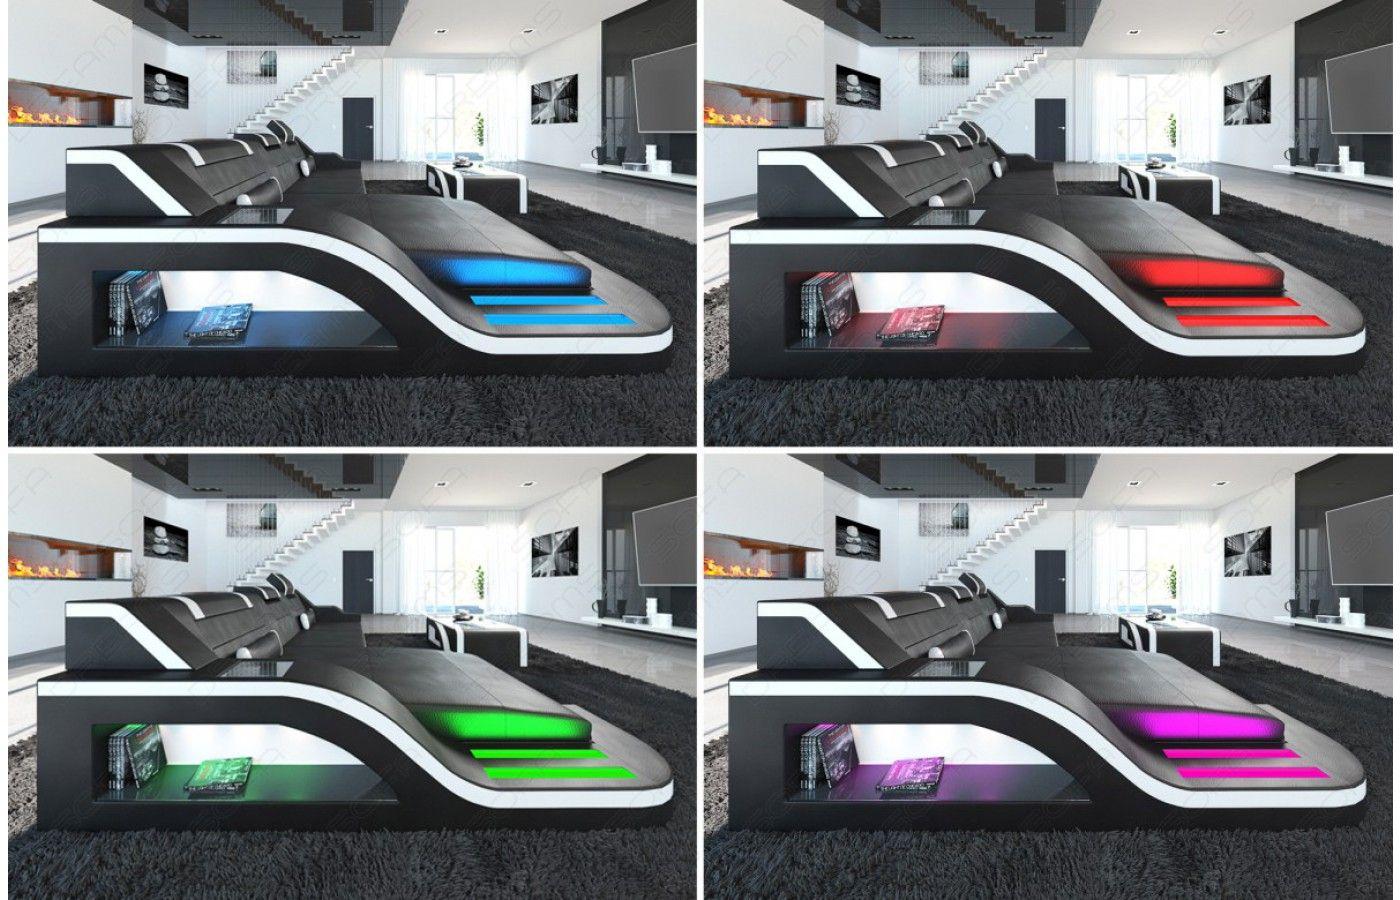 Exklusiv Sofa design wohnlandschaft palermo u form mit led exklusiv bei sofa